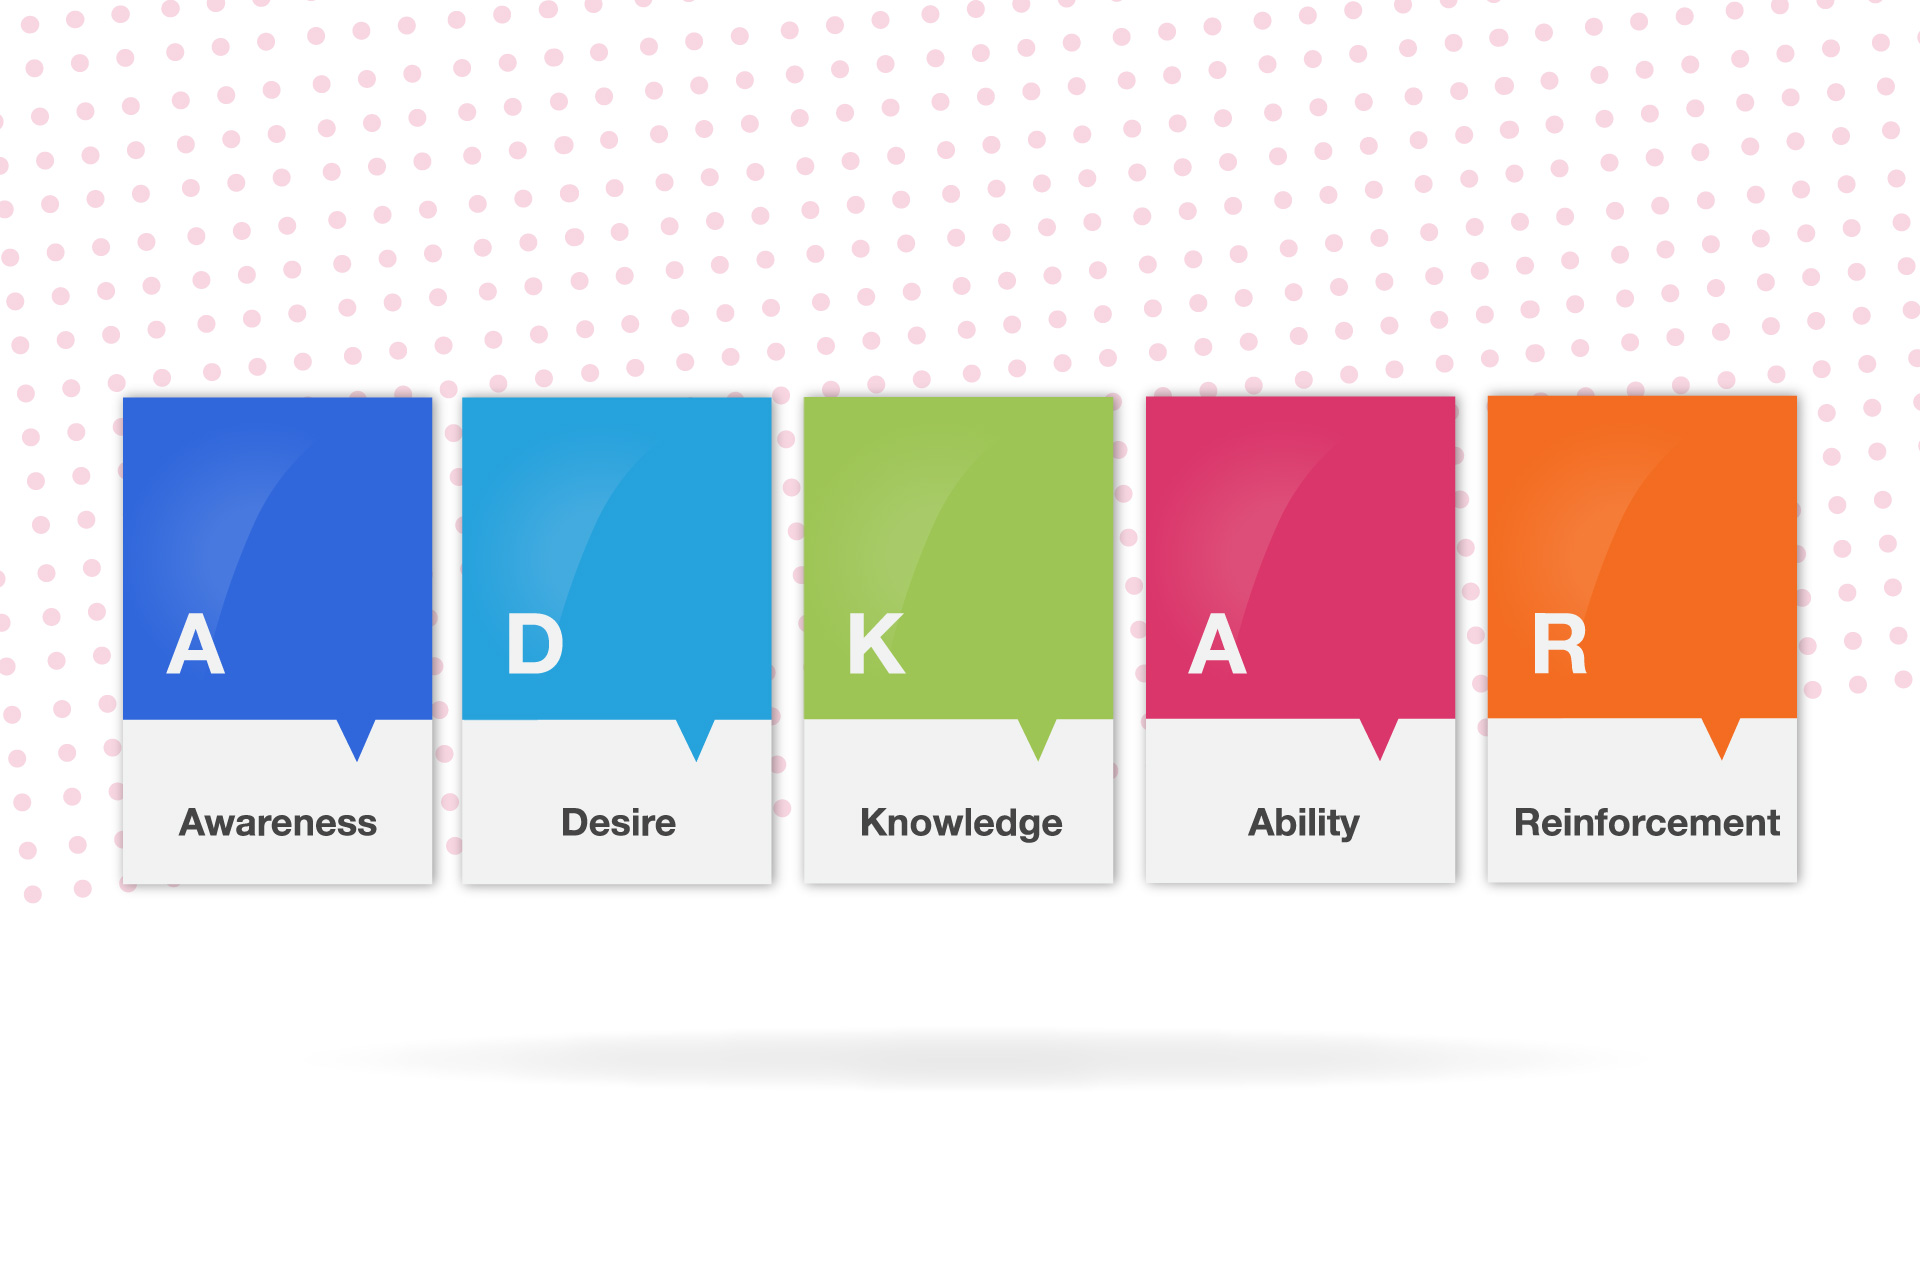 CapabilitySource Change Management values